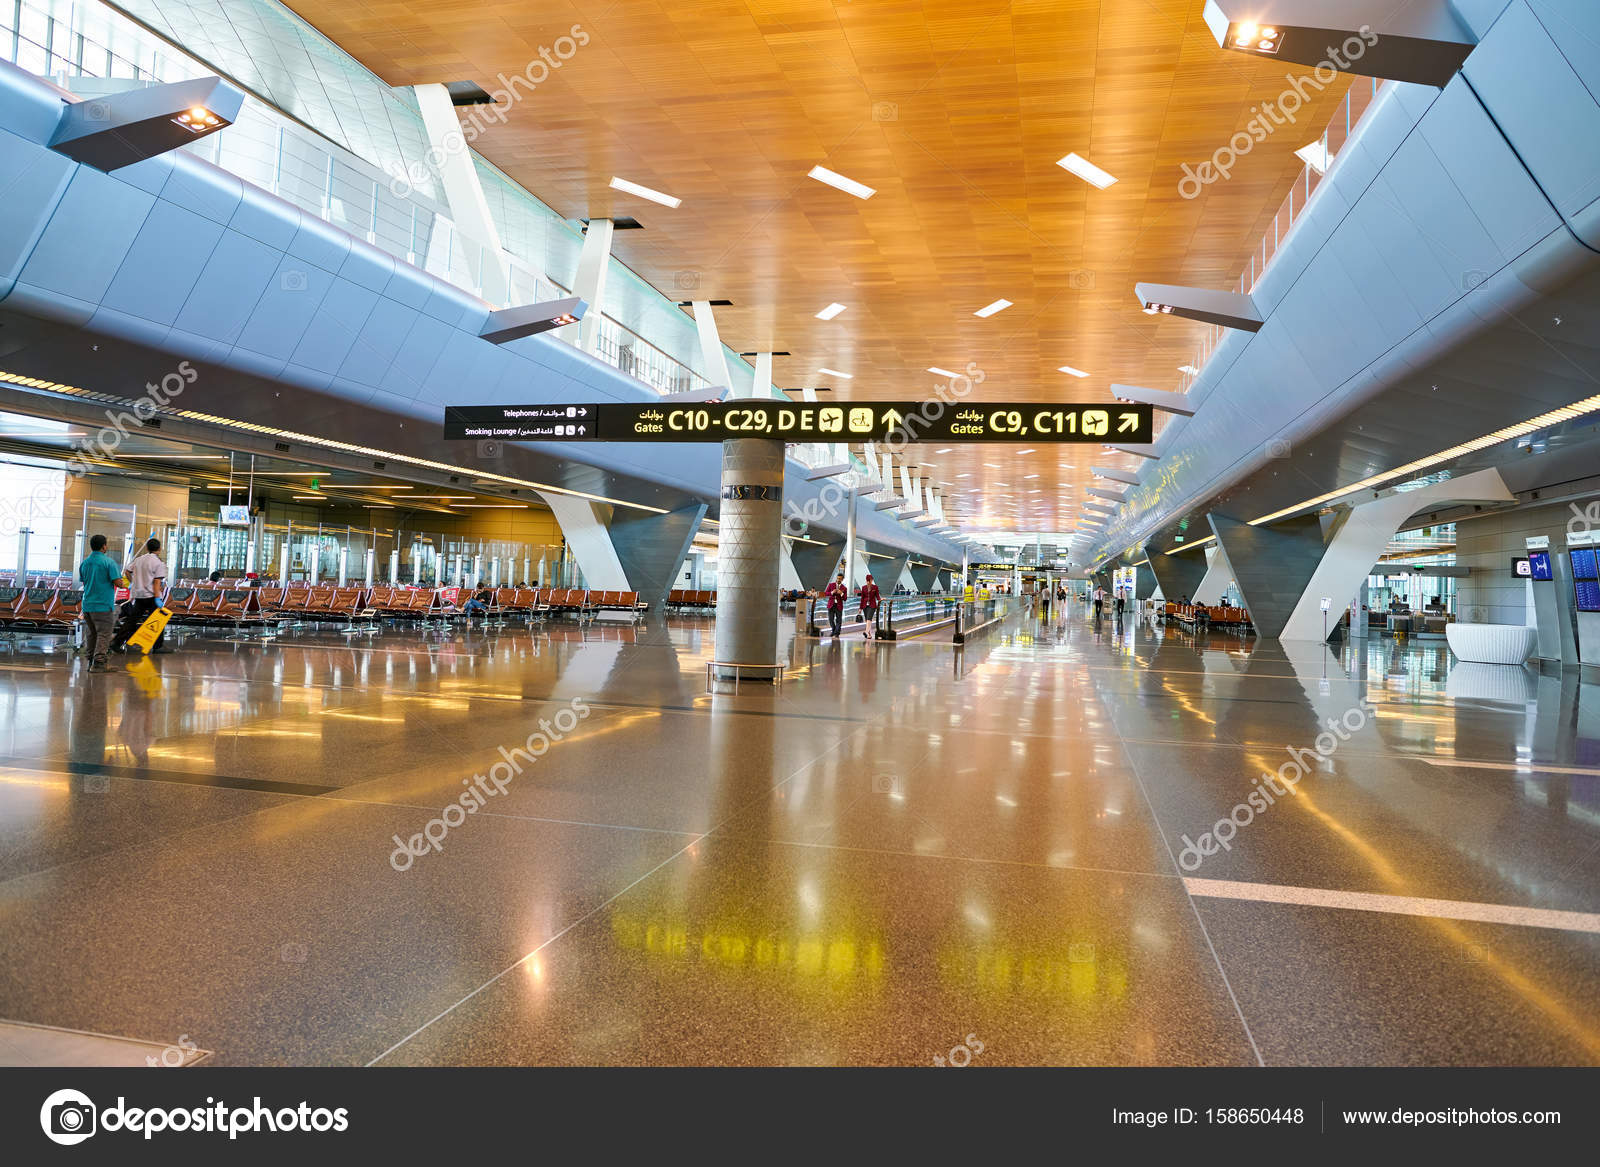 Aeroporto Hamad : Aeroporto internazionale di hamad — foto editoriale stock